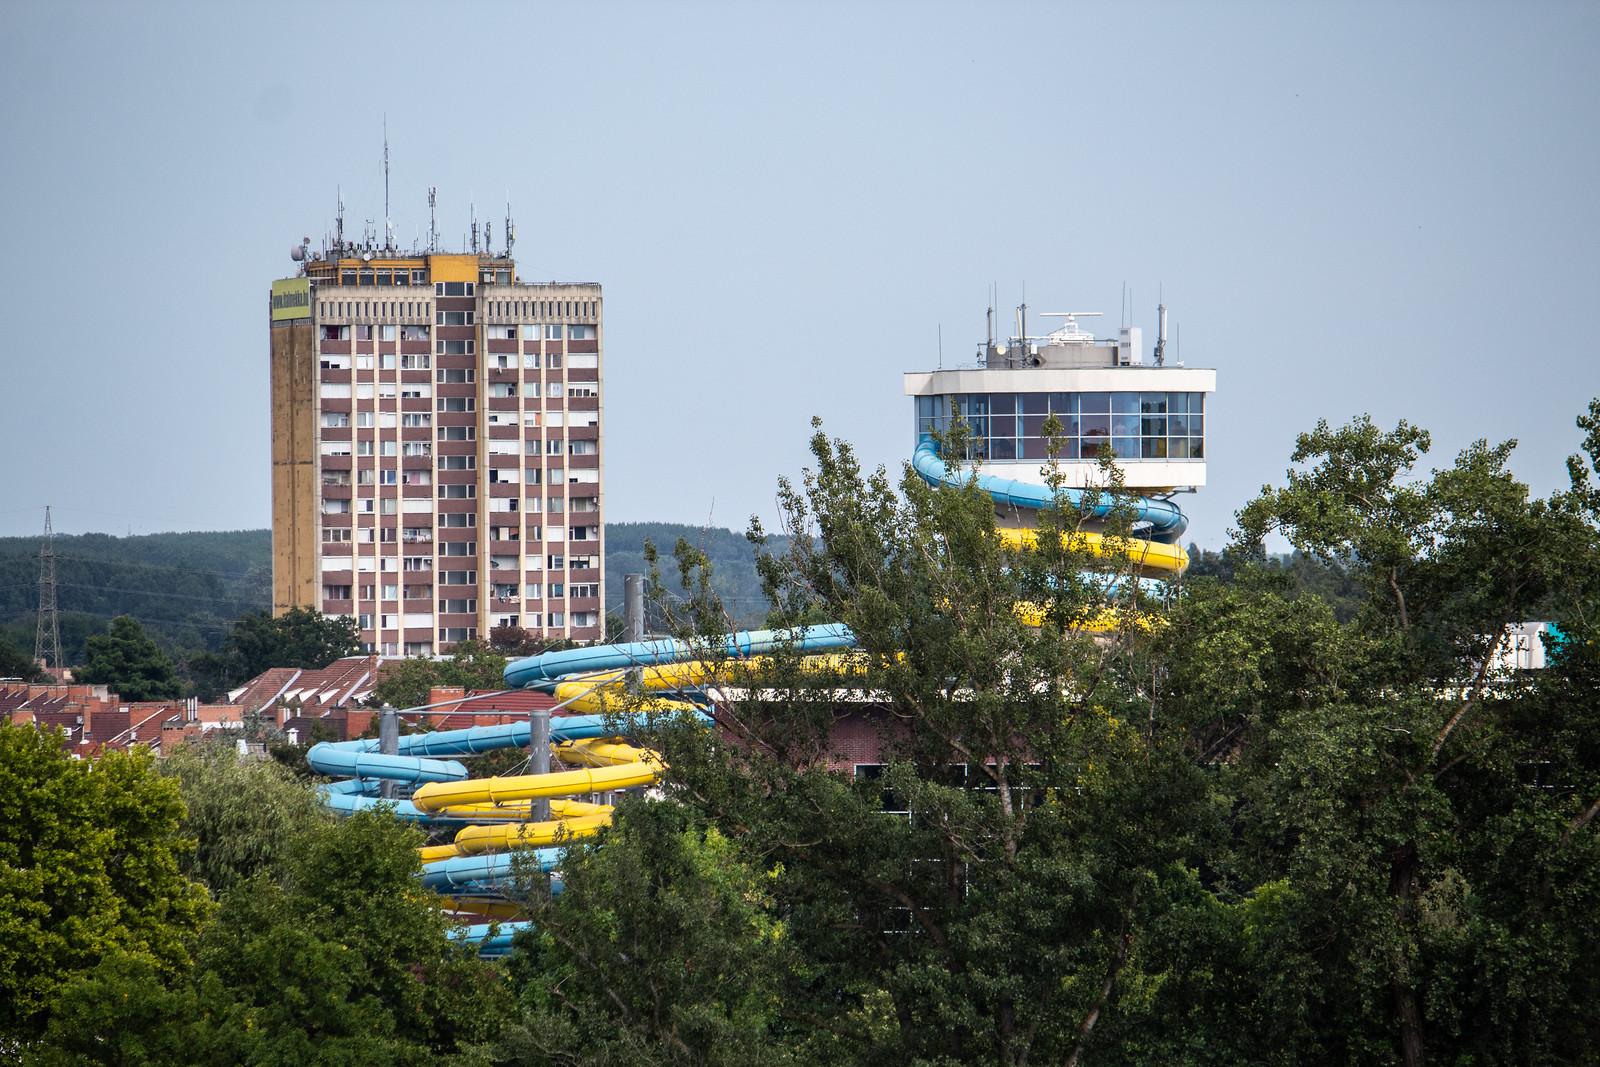 Két és félszer annyiba kerül egy lakás Szegeden, mint 5 éve